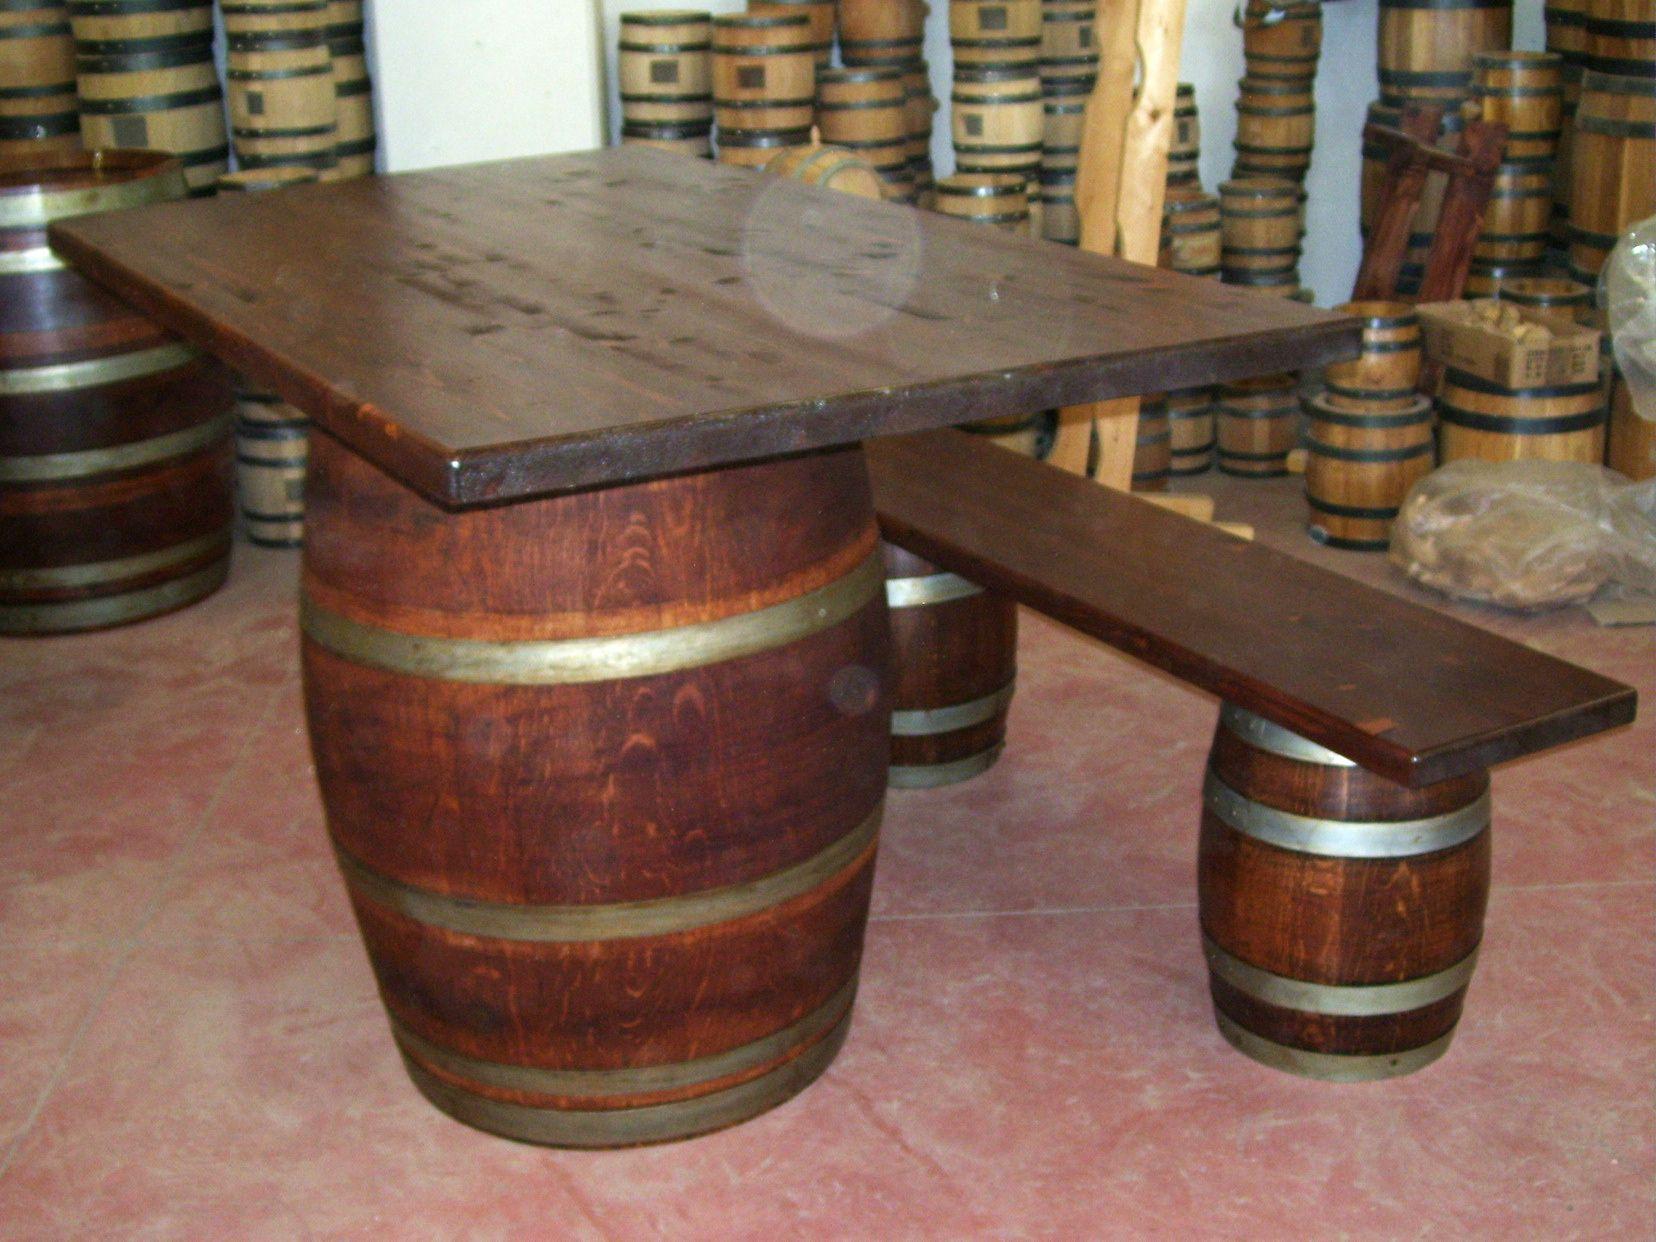 Tavoli E Panche Birreria Usati.1285 Tavolo Da Birreria E Osteria Da 1 5 Metri Con Panca A C